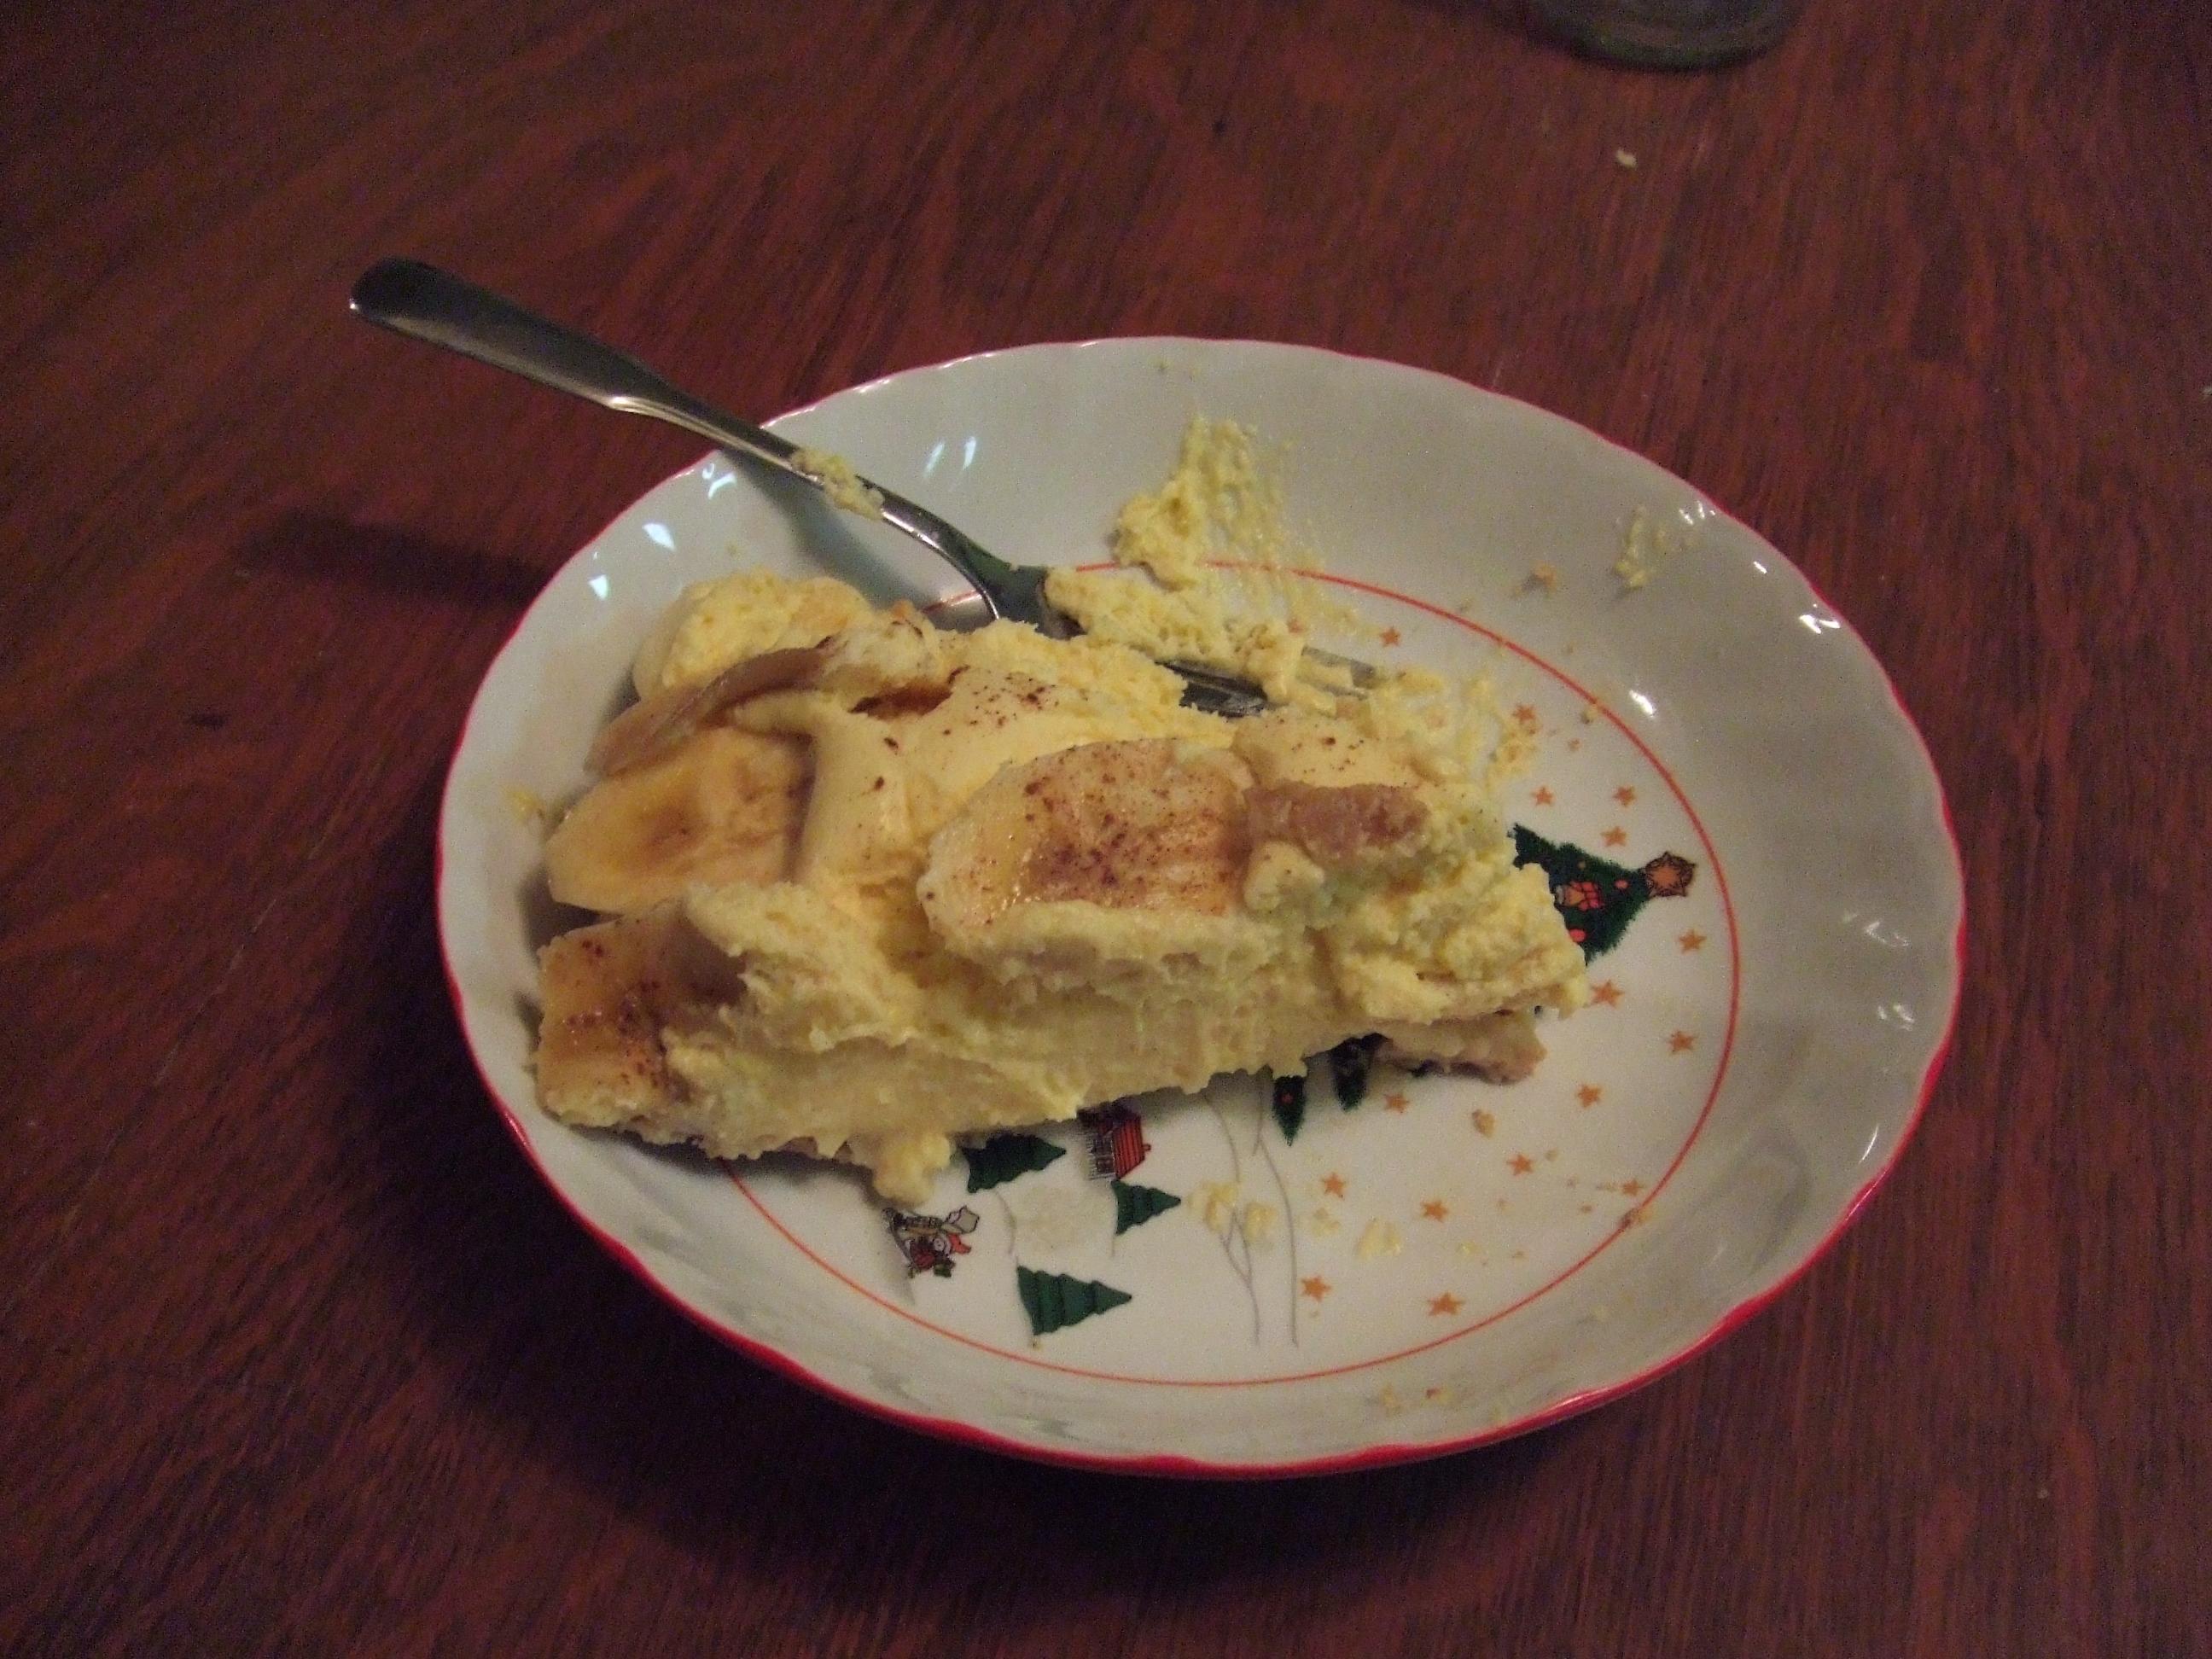 File:Banana cream pie slice, November 2007.jpg - Wikimedia ...